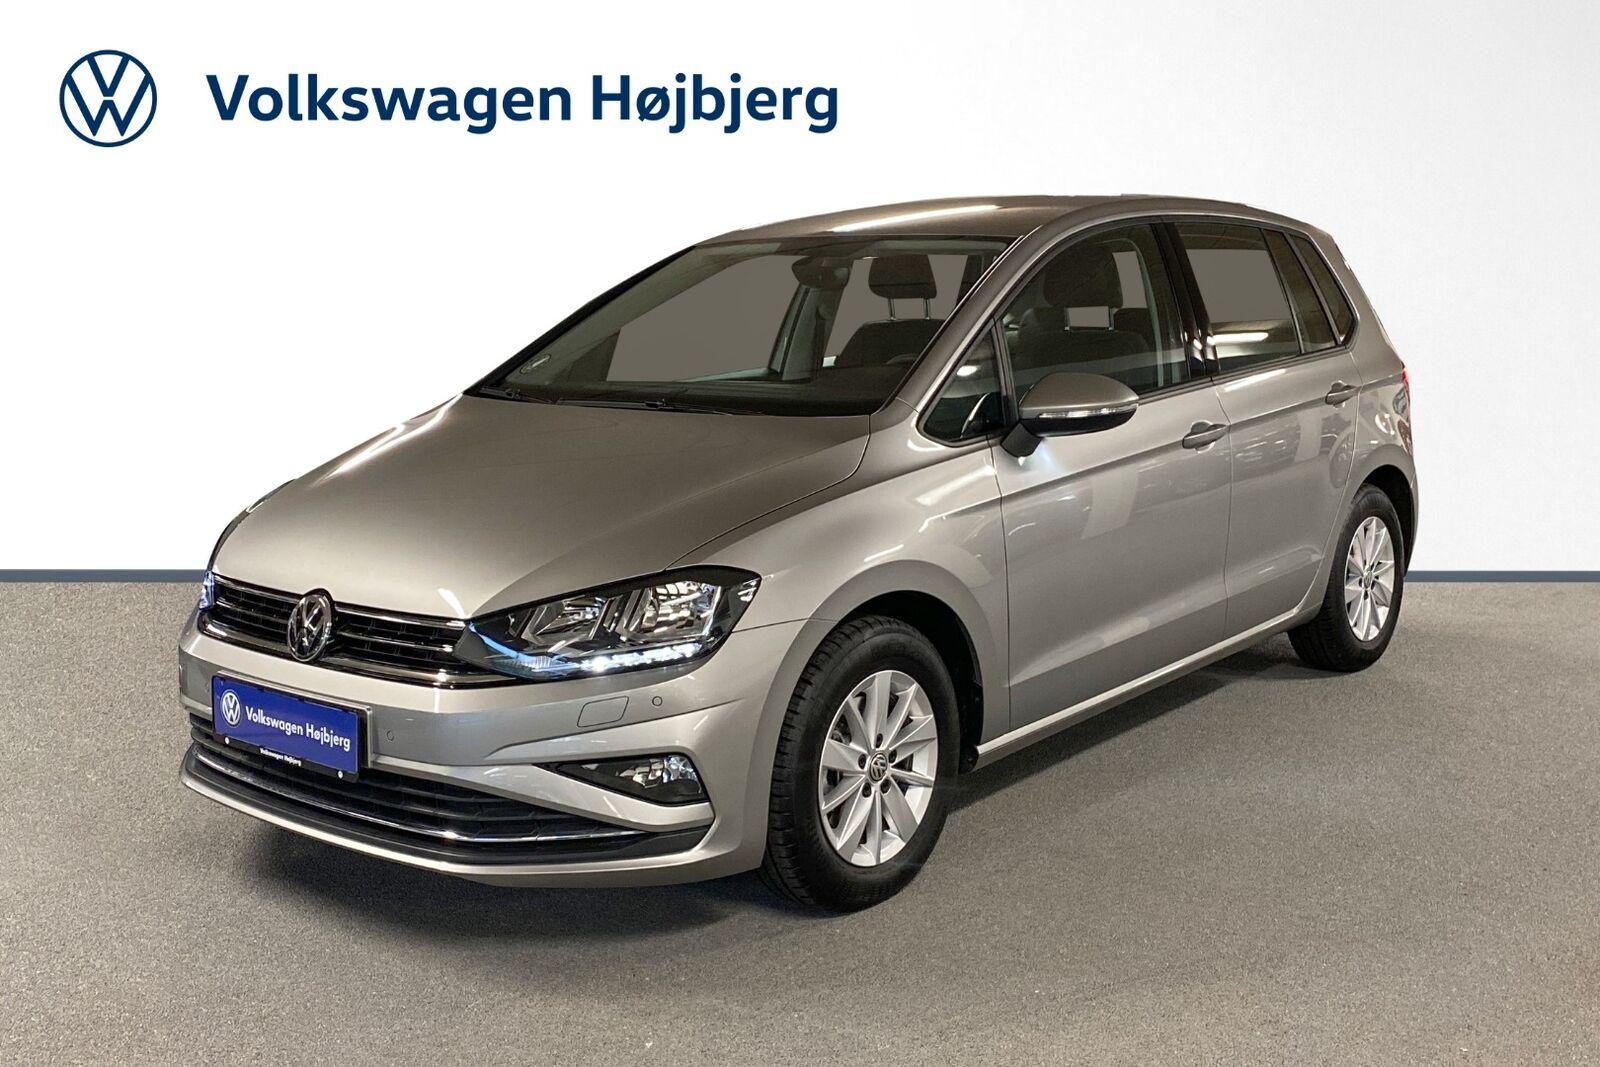 VW Golf Sportsvan 1,5 TSi 130 Comfortline DSG 5d - 269.900 kr.